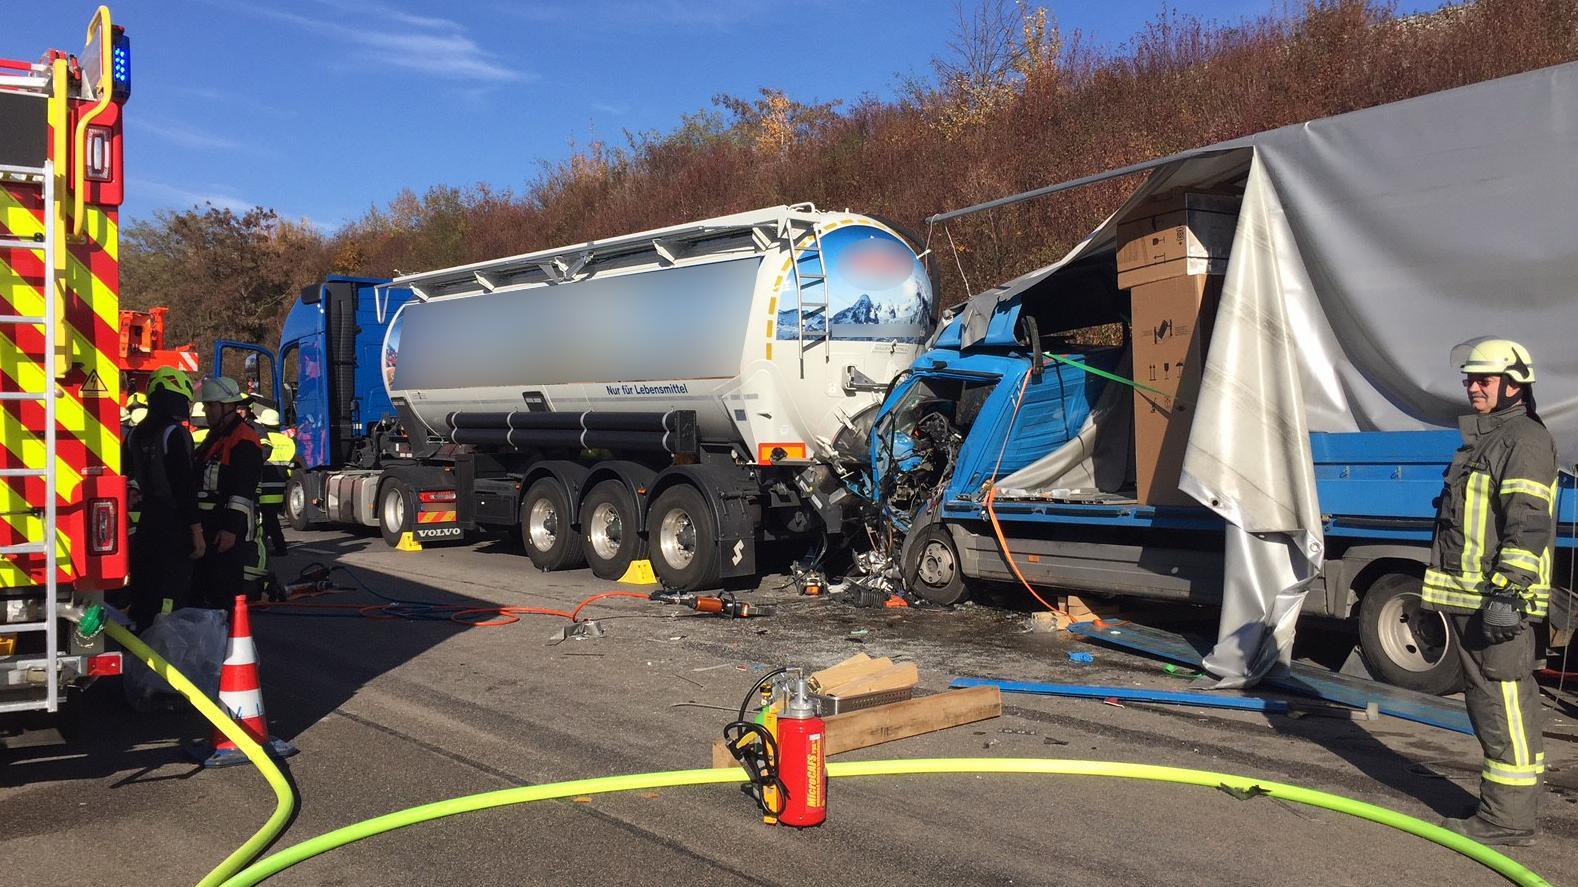 Einsatzkräfte der Feuerwehr, im Hintergrund zwei der drei aufeinander gefahrenen Lastwagen.